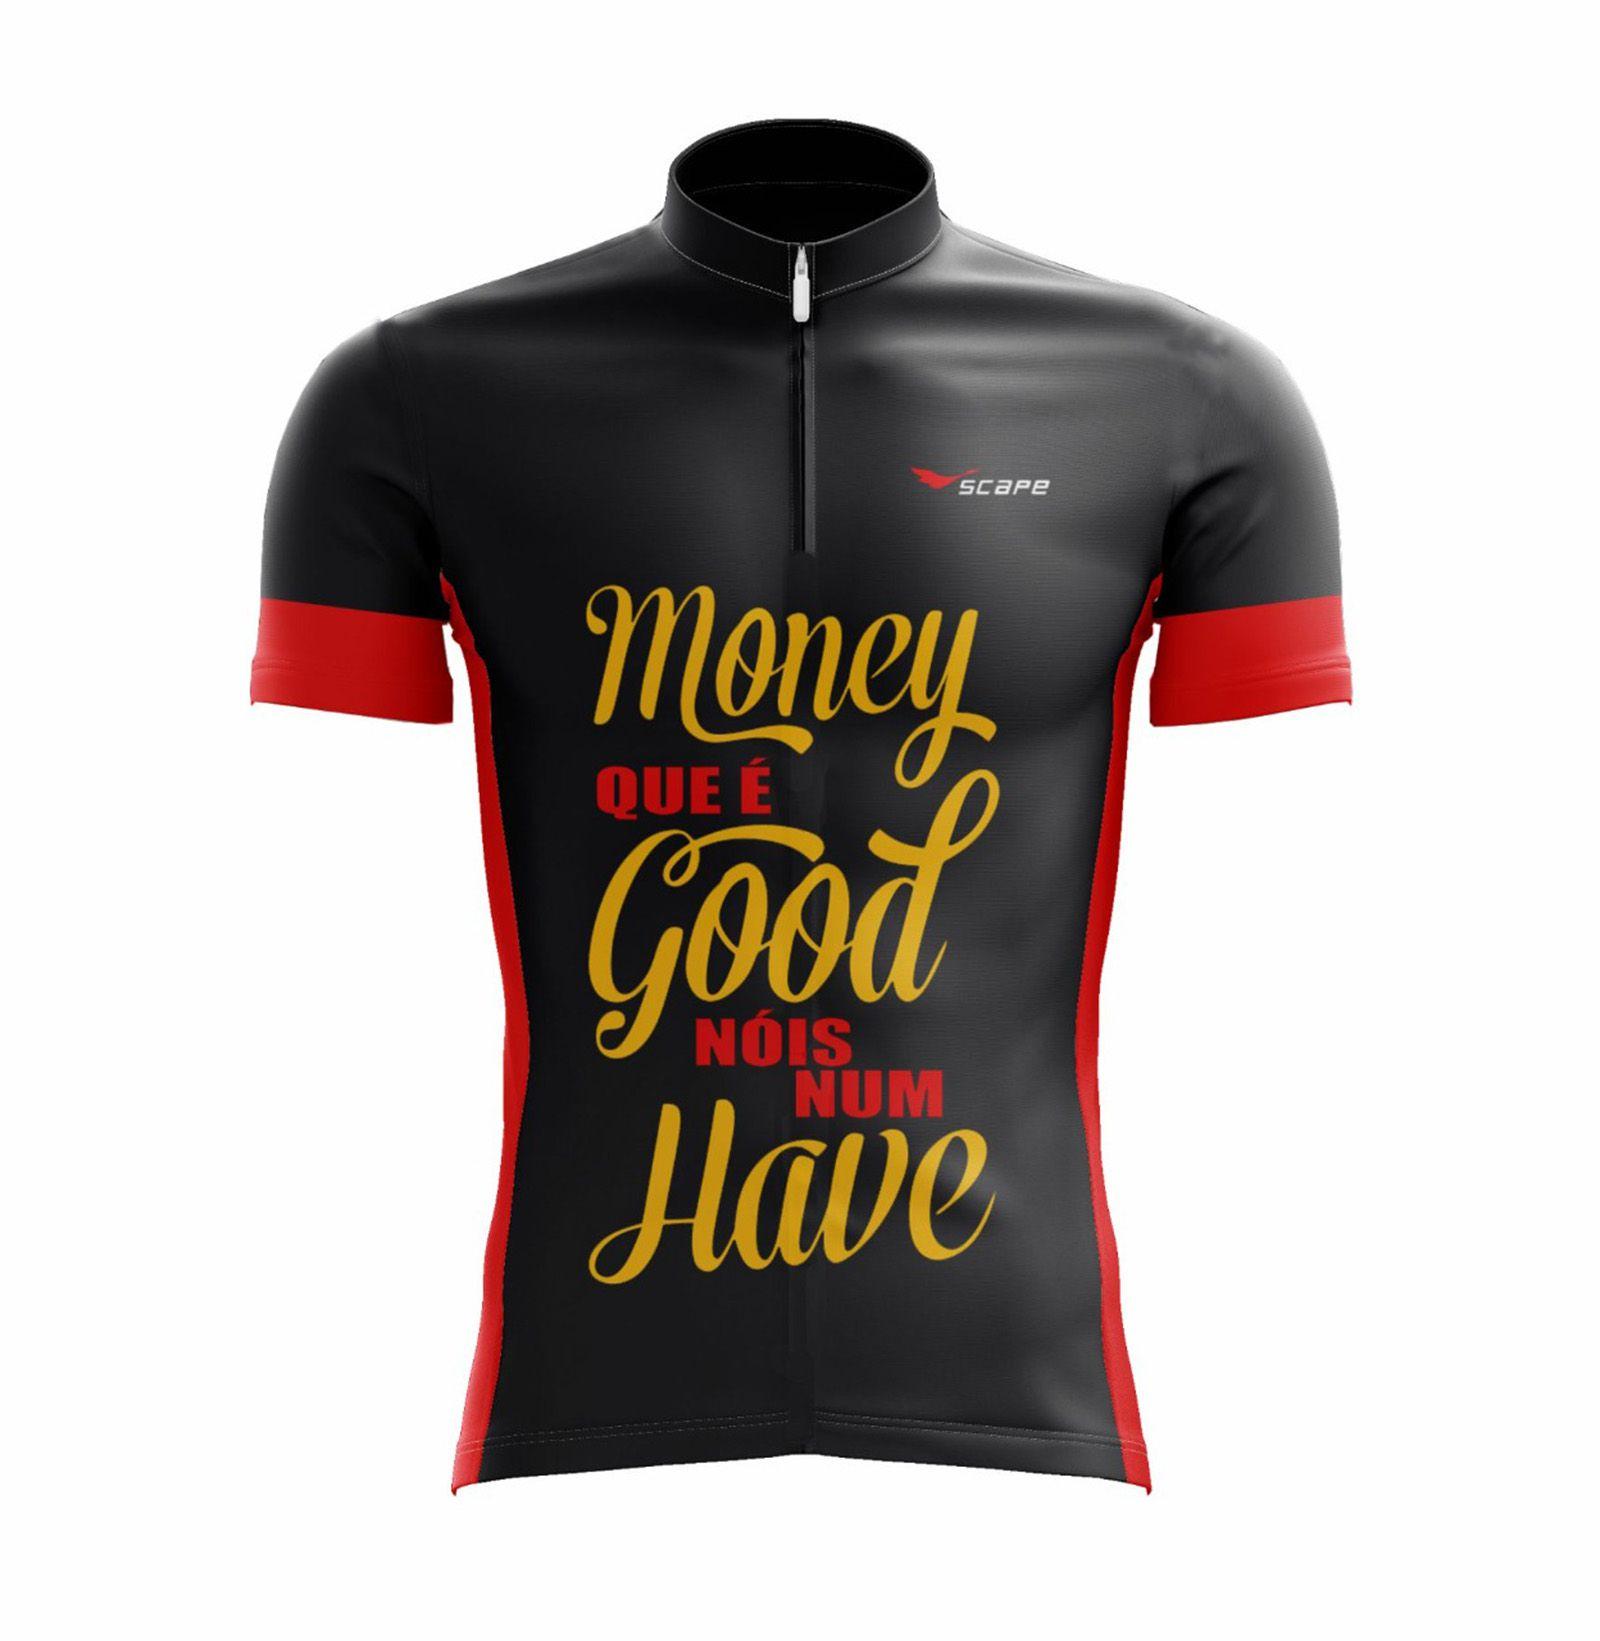 Camisa Ciclismo Money Que é Good Nóis Num Have - Scape